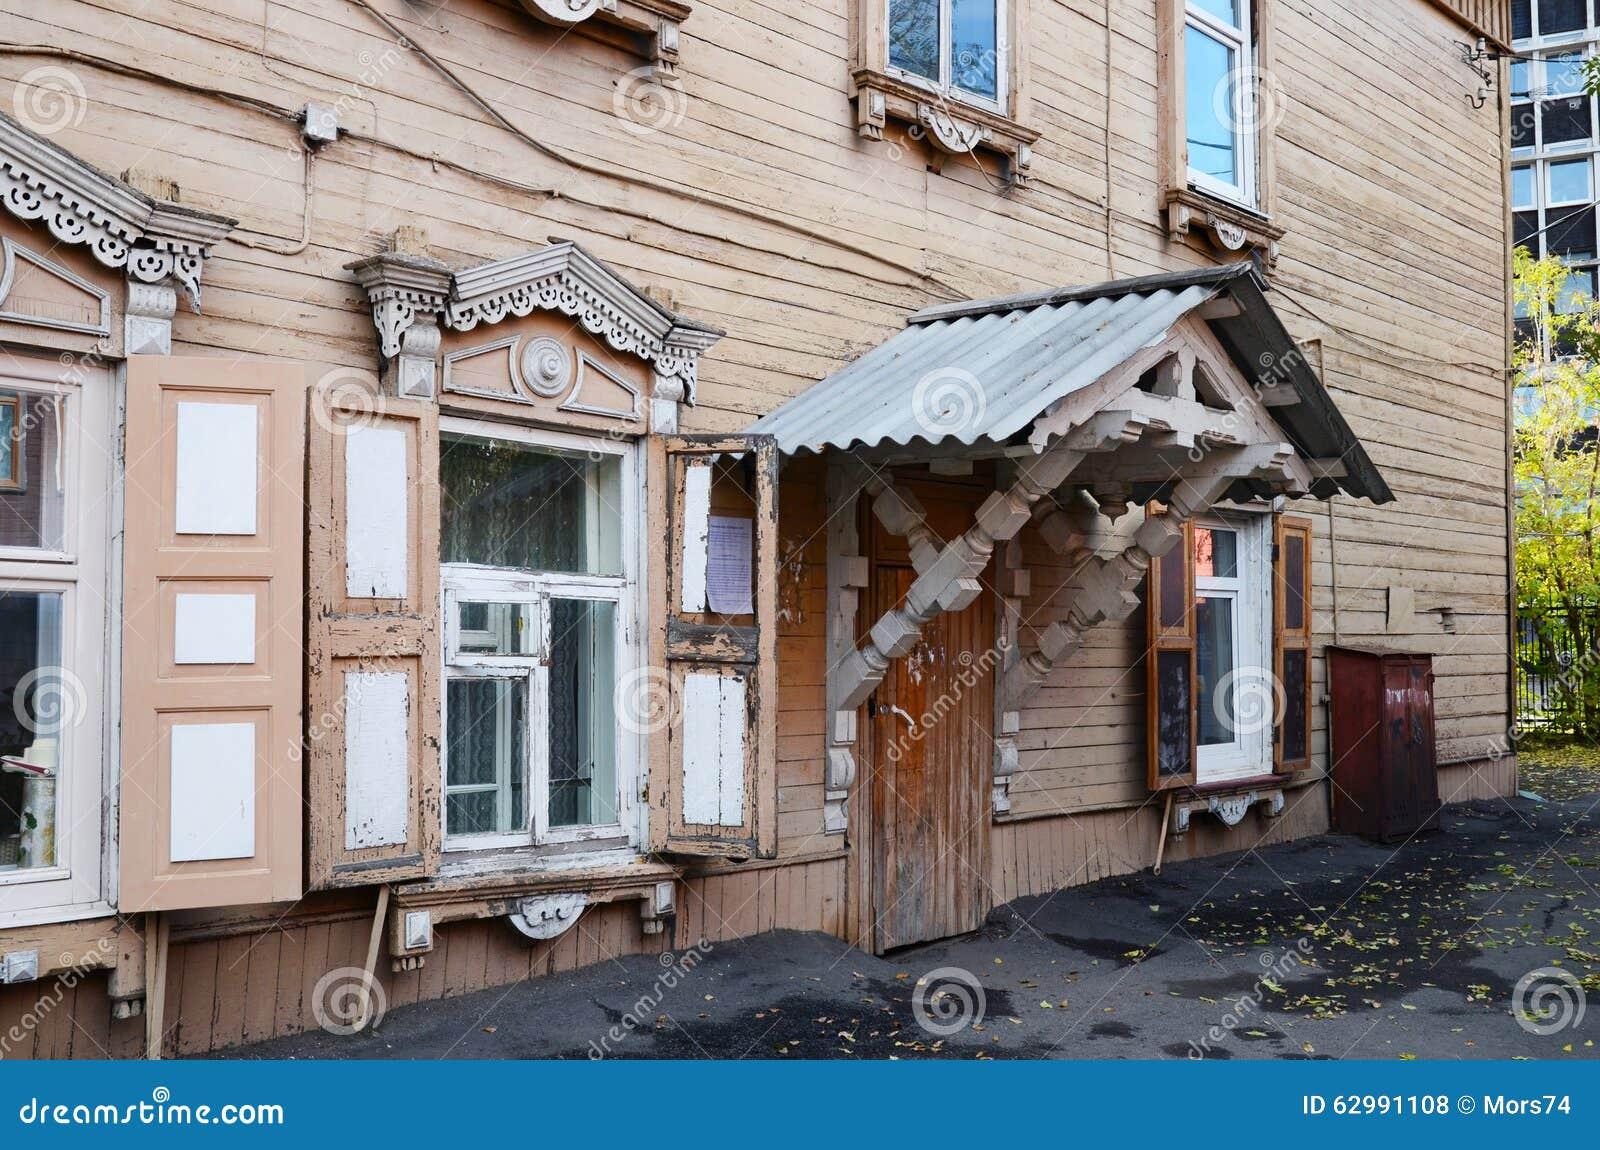 Le Porche De La Maison la maison en bois à deux étages avec le porche et la fenêtre